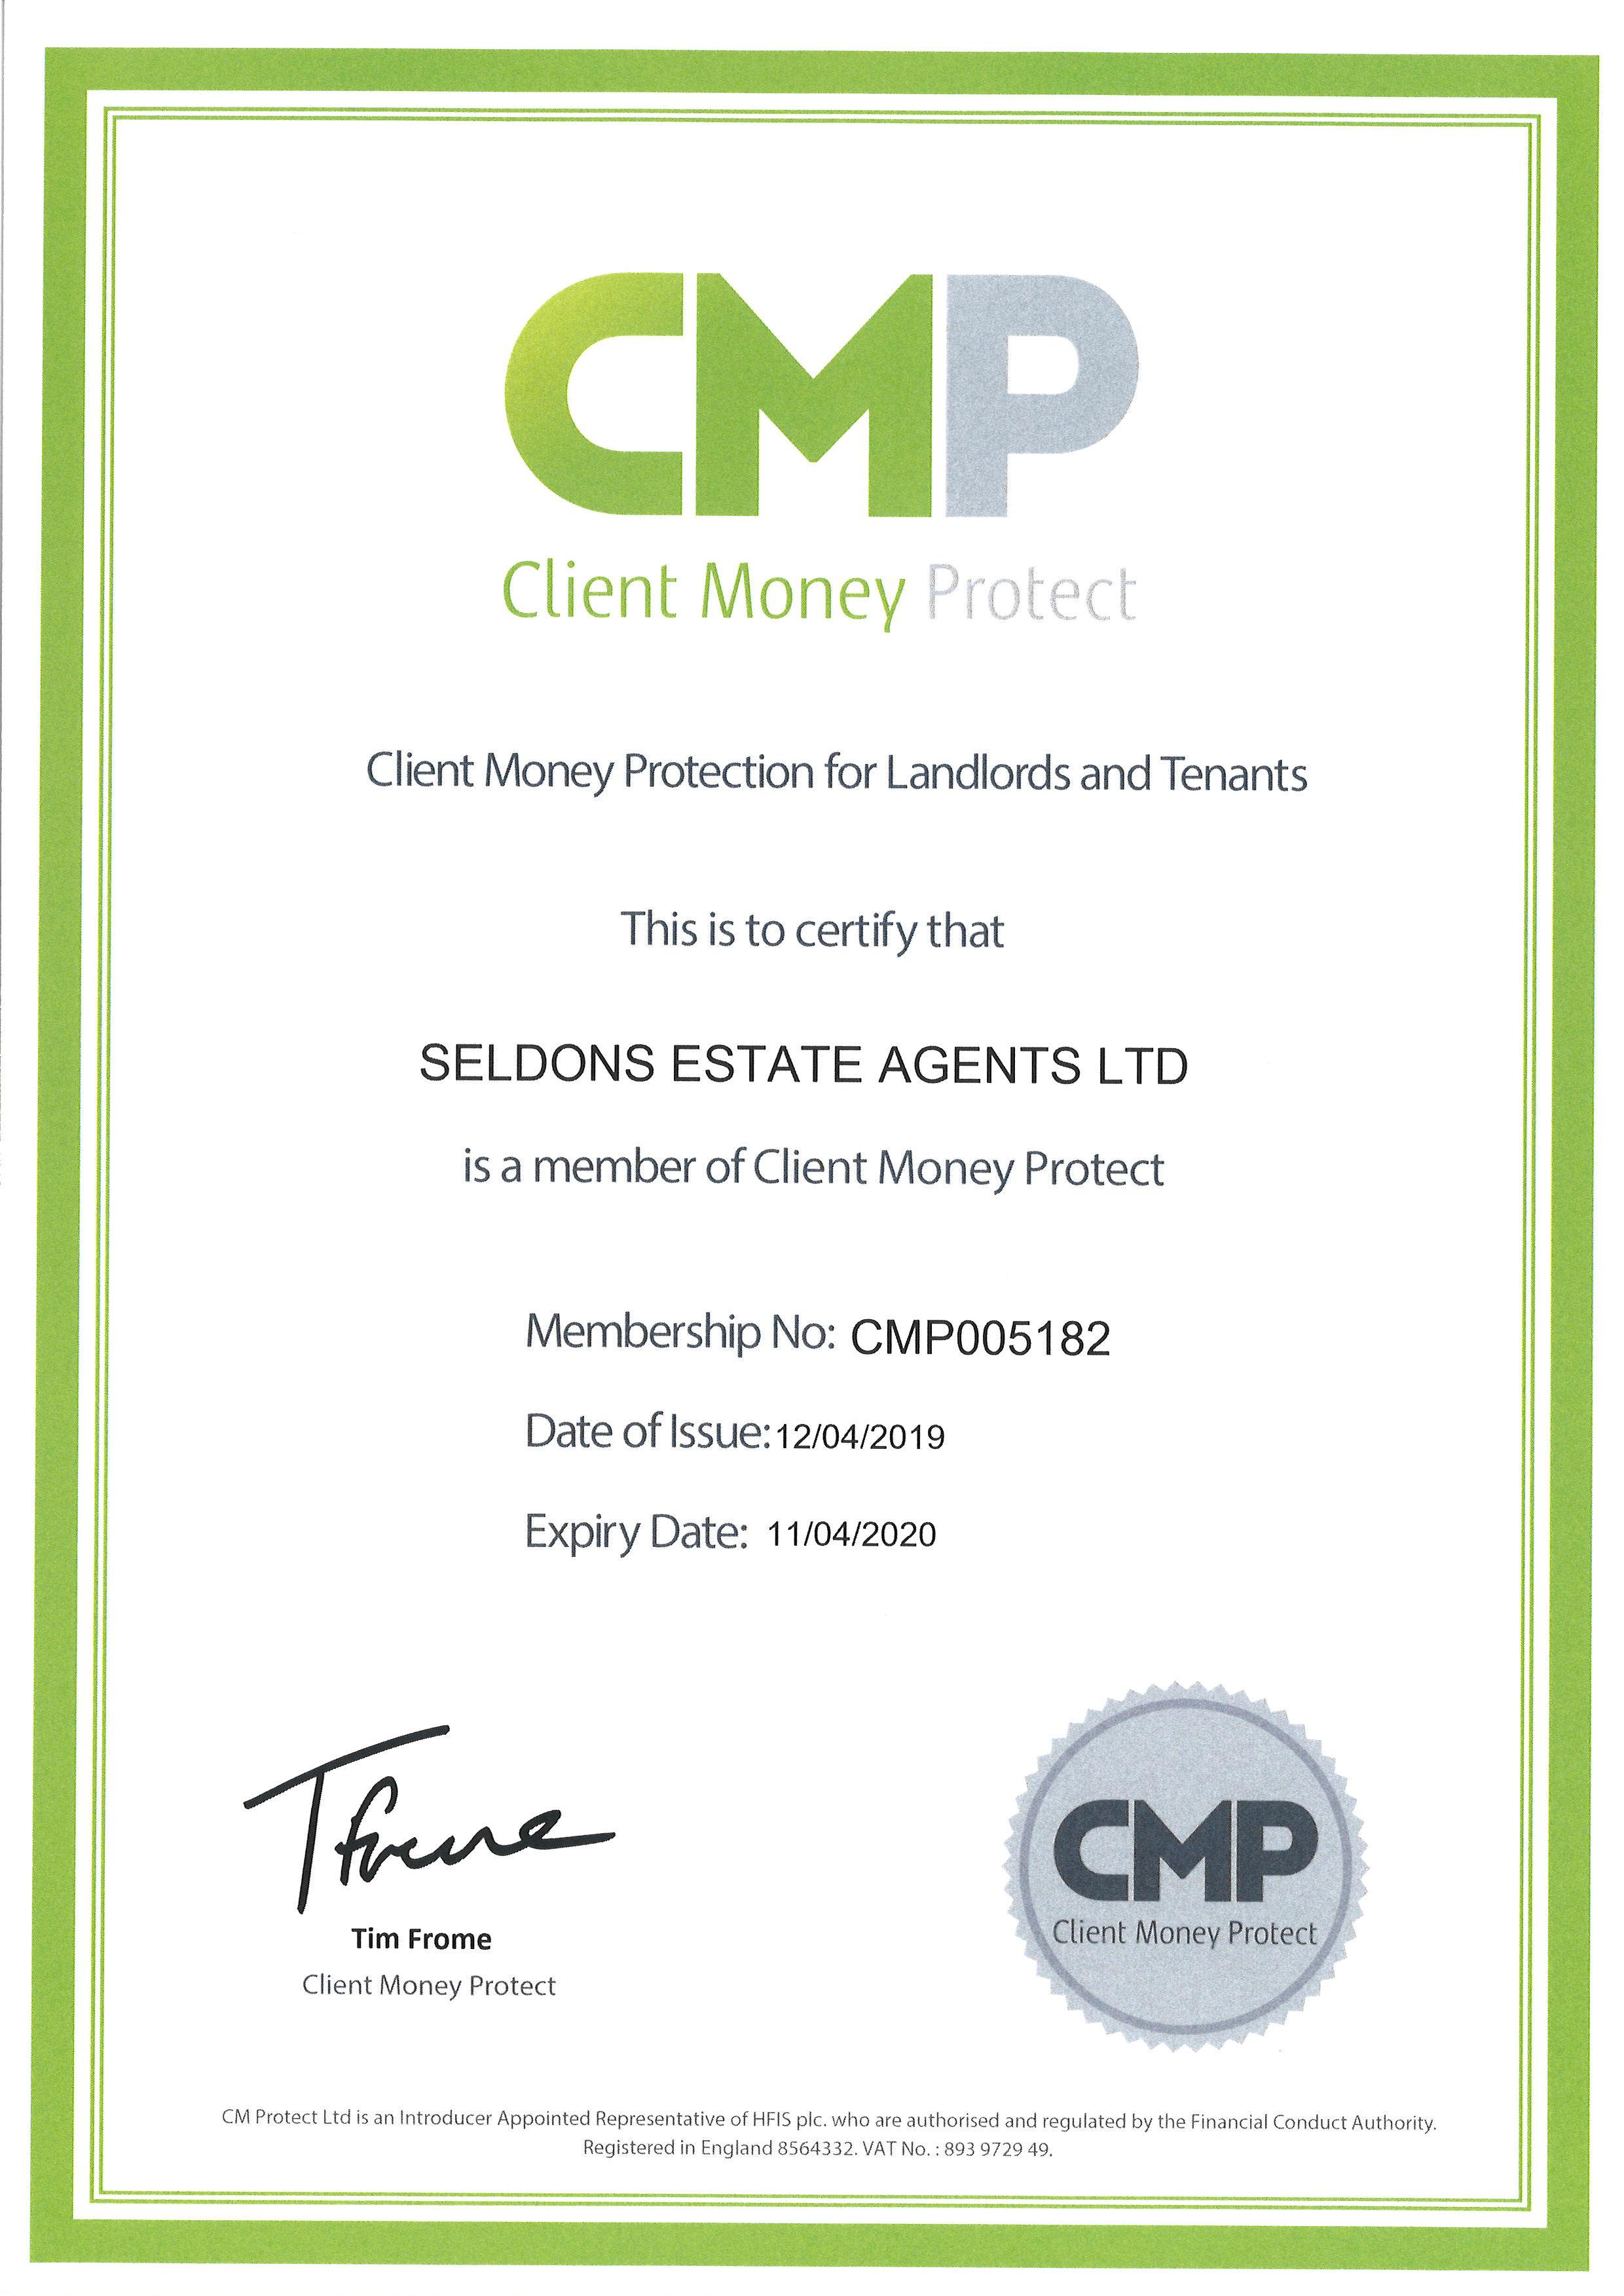 certificate cmp